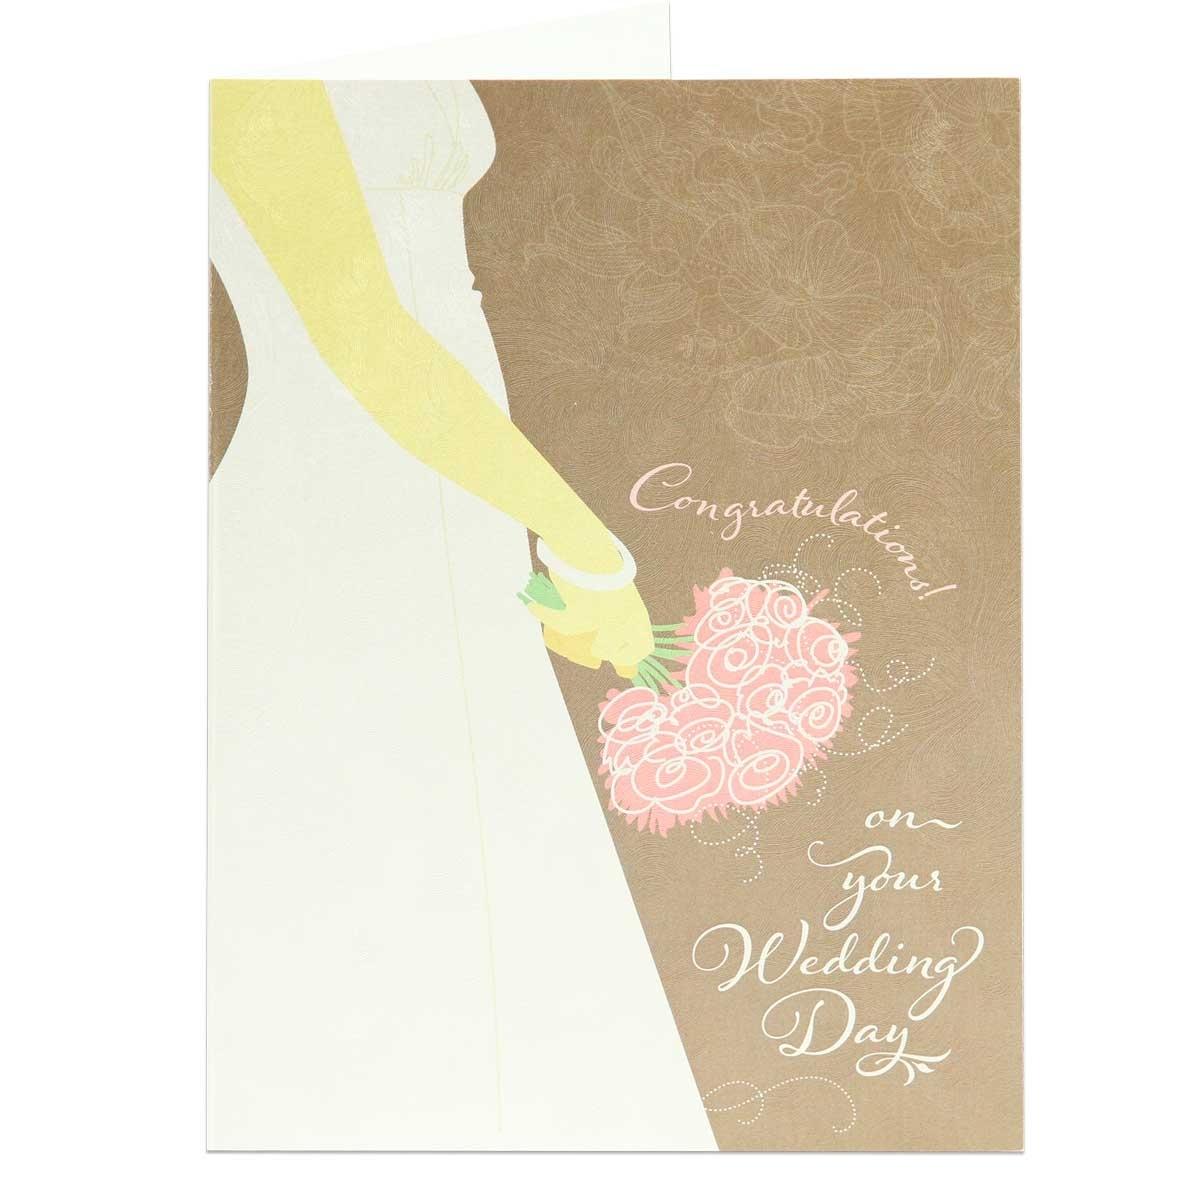 Wedding Greeting Card Biblical Wedding Congratulations